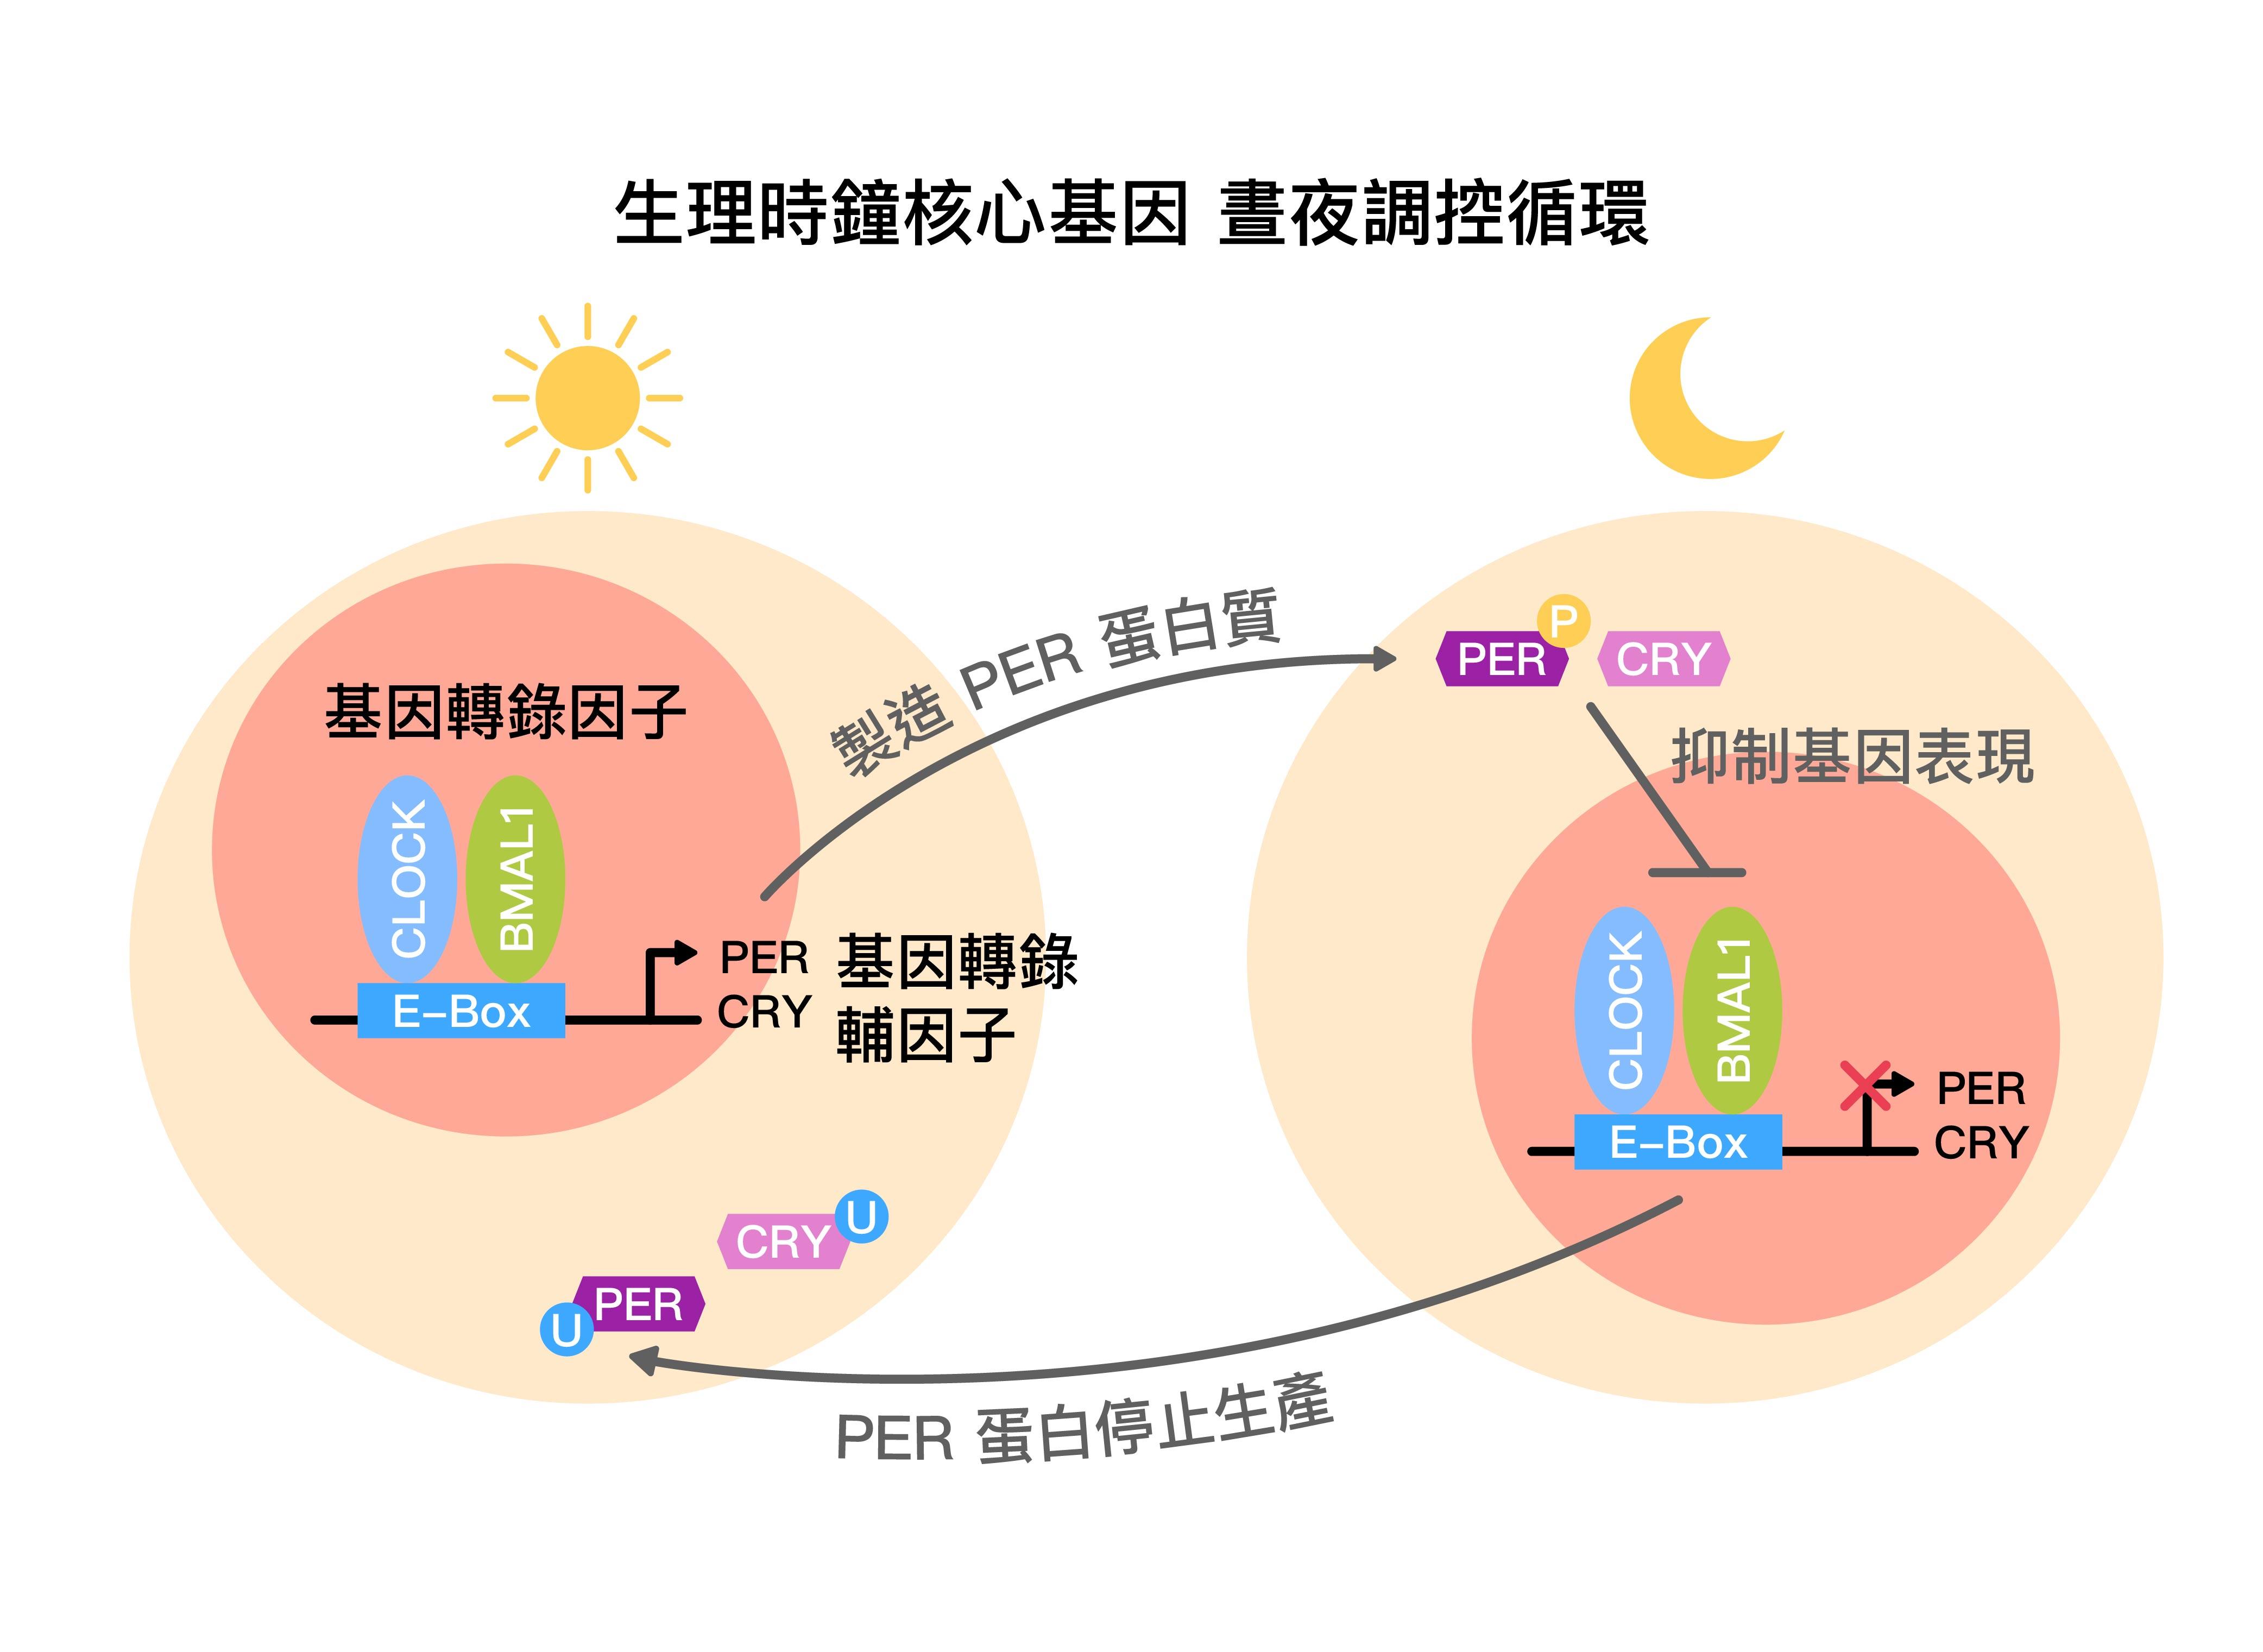 生理時鐘核心基因,晝夜調控循環示意圖 (core circadian feedback loop) 。圖│研之有物 (資料來源│黃雯華)